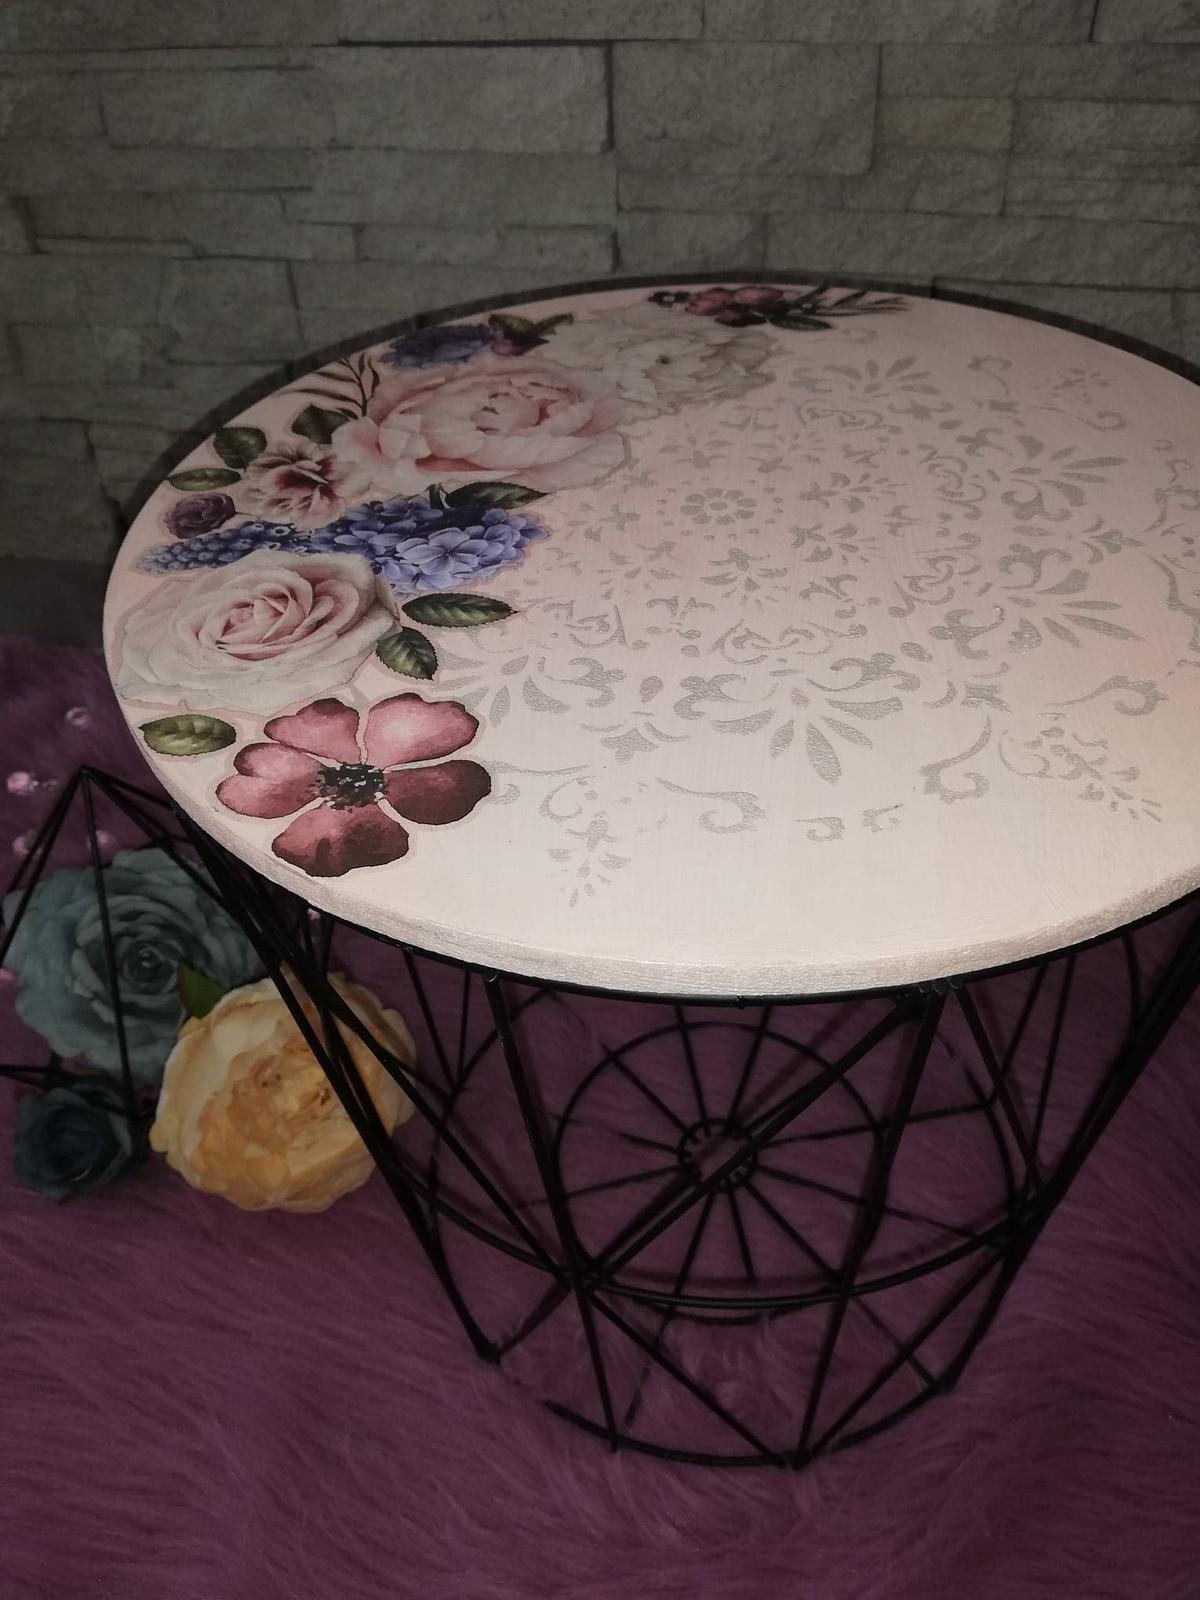 Redizajnujeme, maľujeme, tvoríme - redizajn - kávový stolík, použitá kriedová farba Decotrend + šablóna + transparentný vosk